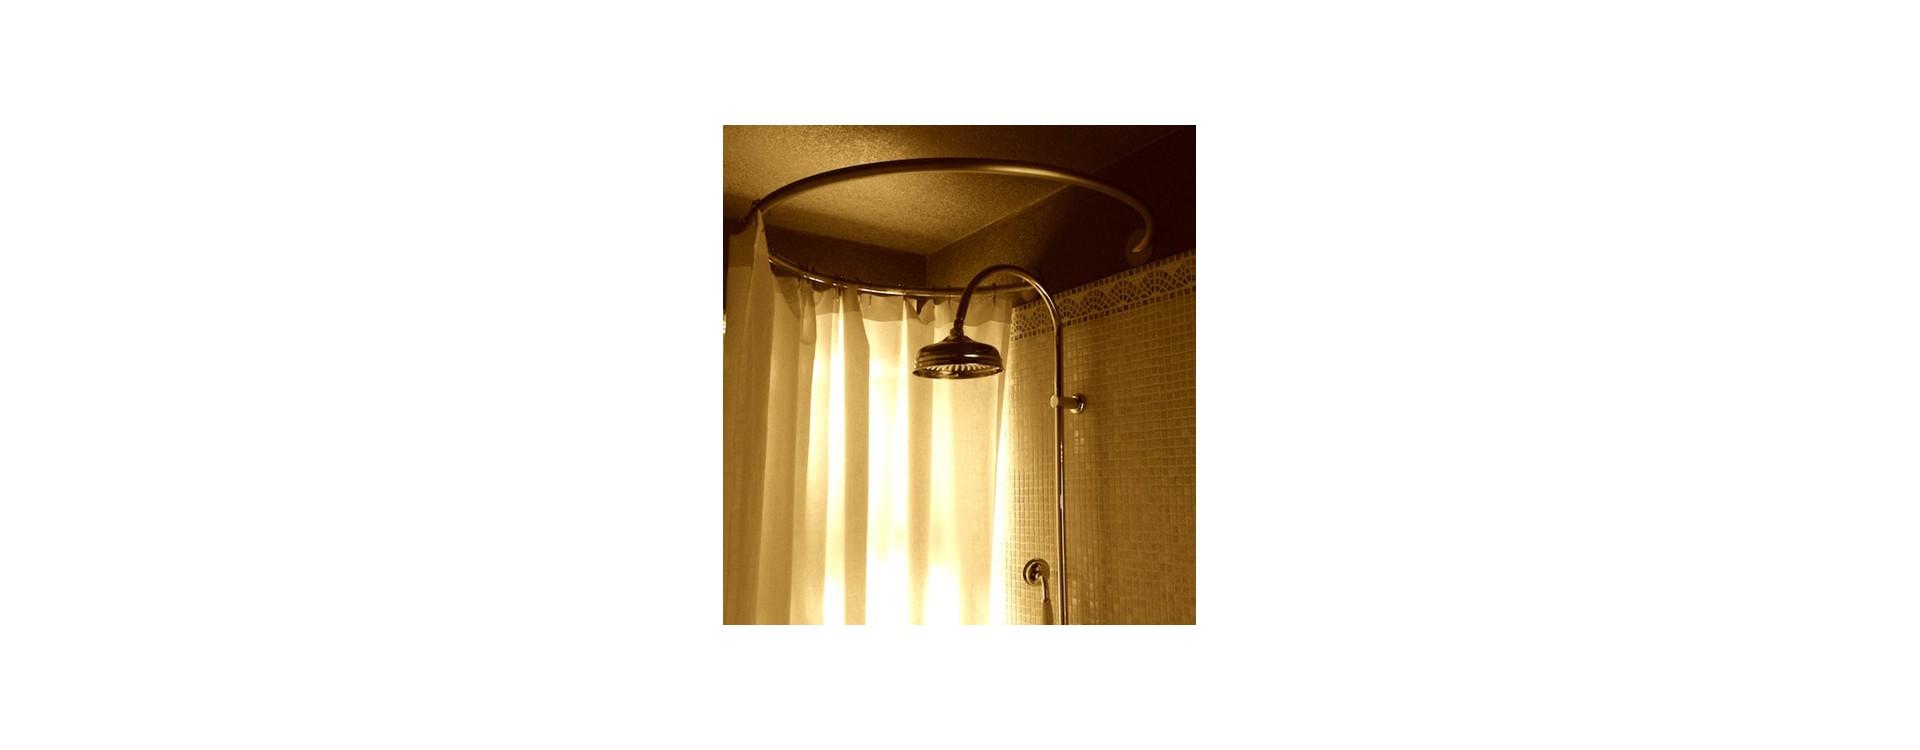 La tringle à rideau de douche circulaire design de GalboBain s'associe au style rétro d'une magnifique salle de bain